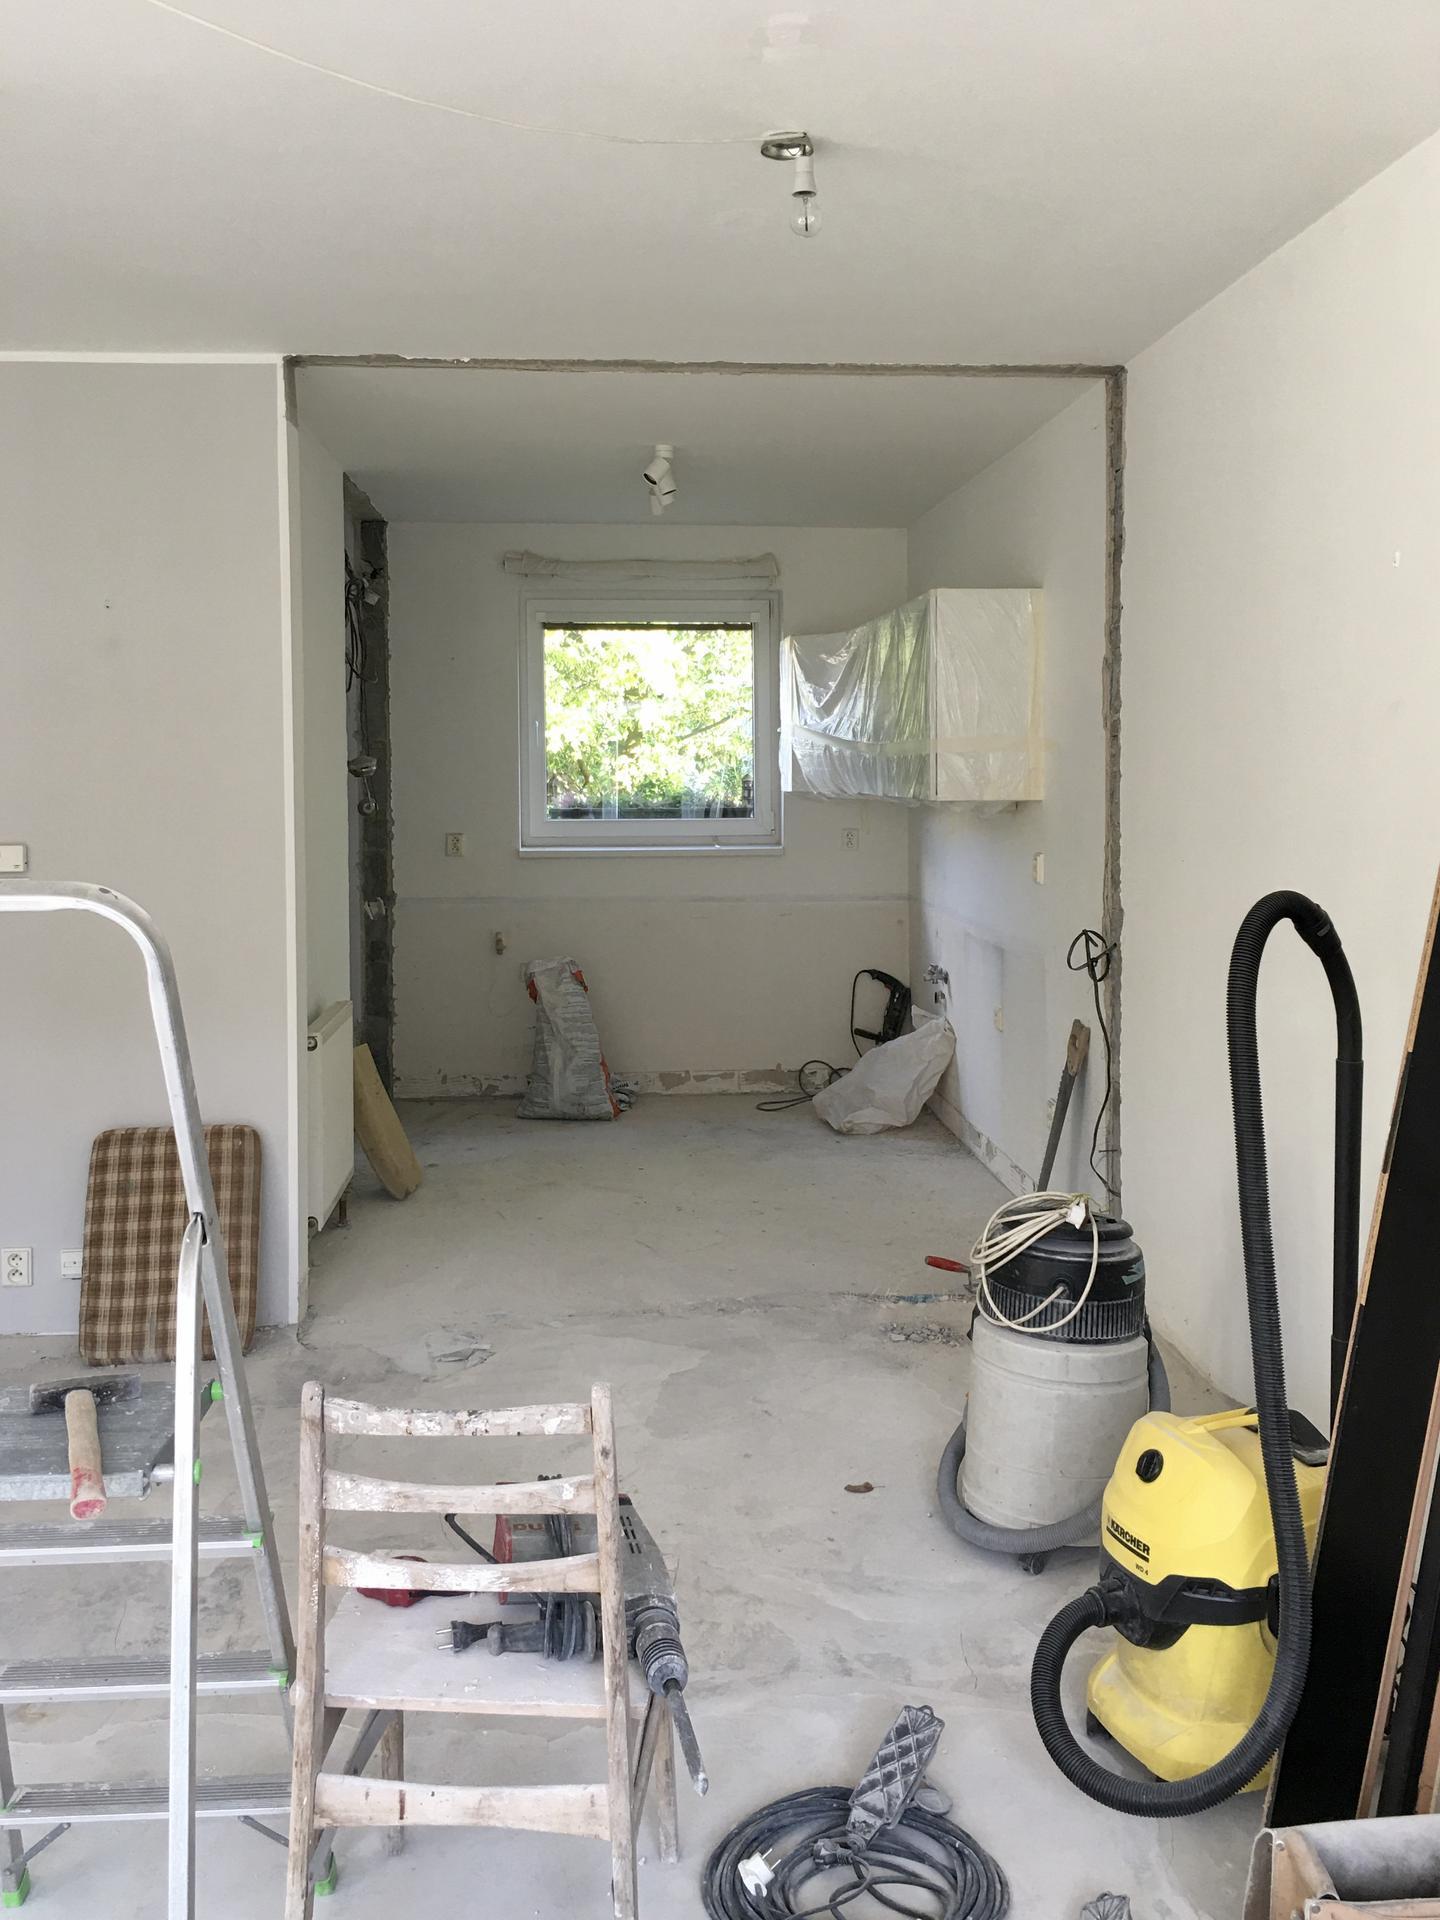 Proměny naší kuchyně - A tentokrát pořádně: výměna podlahy, bourání příčky, nová linka...